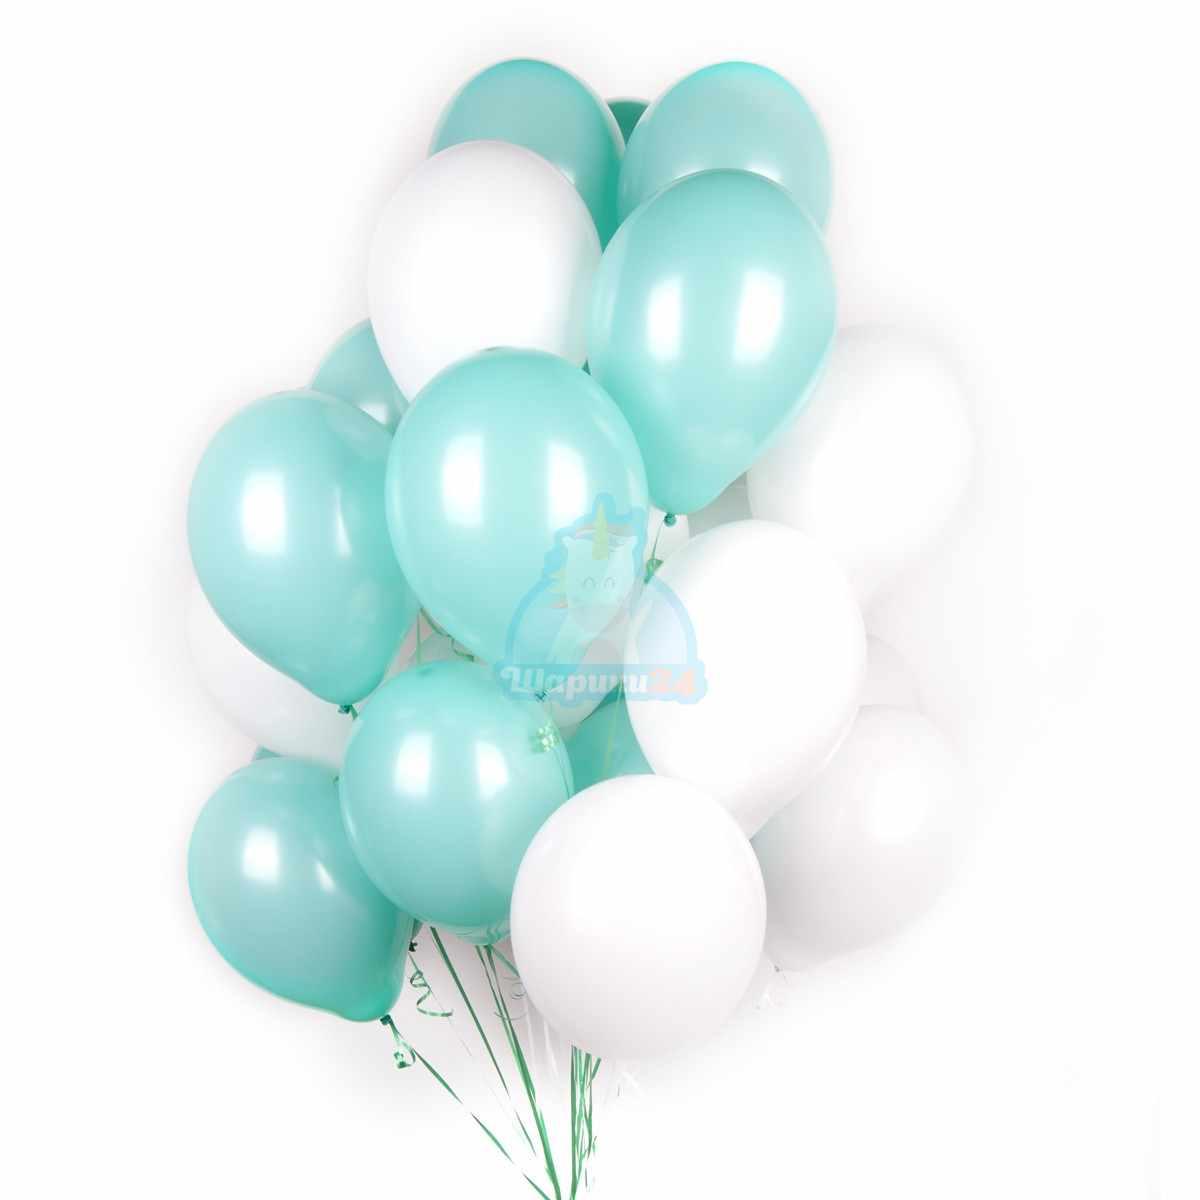 Мятные с белыми шары фото в интернет-магазине Шарики 24